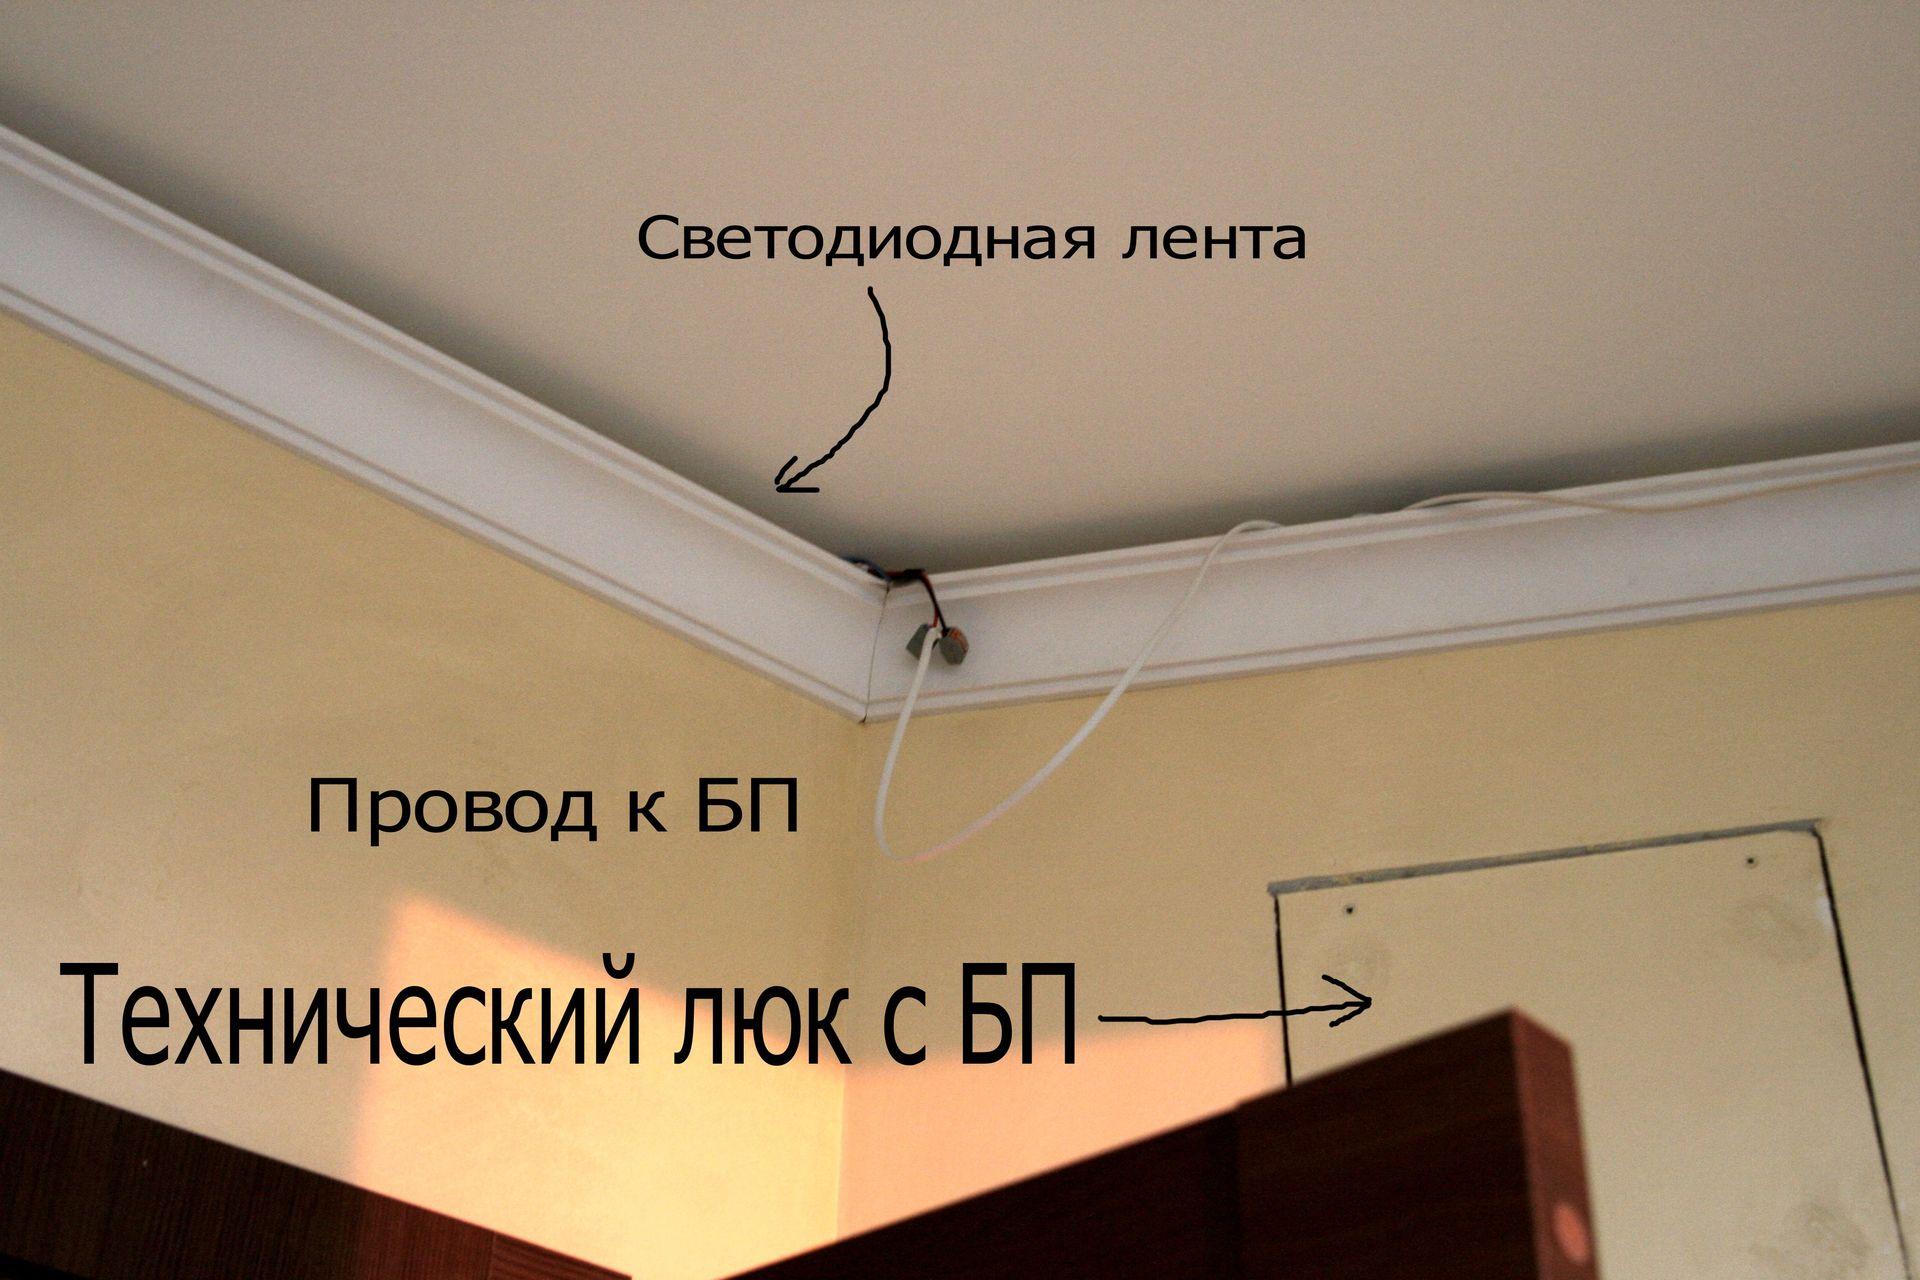 Практика освещения спальни светодиодными лентами - 8